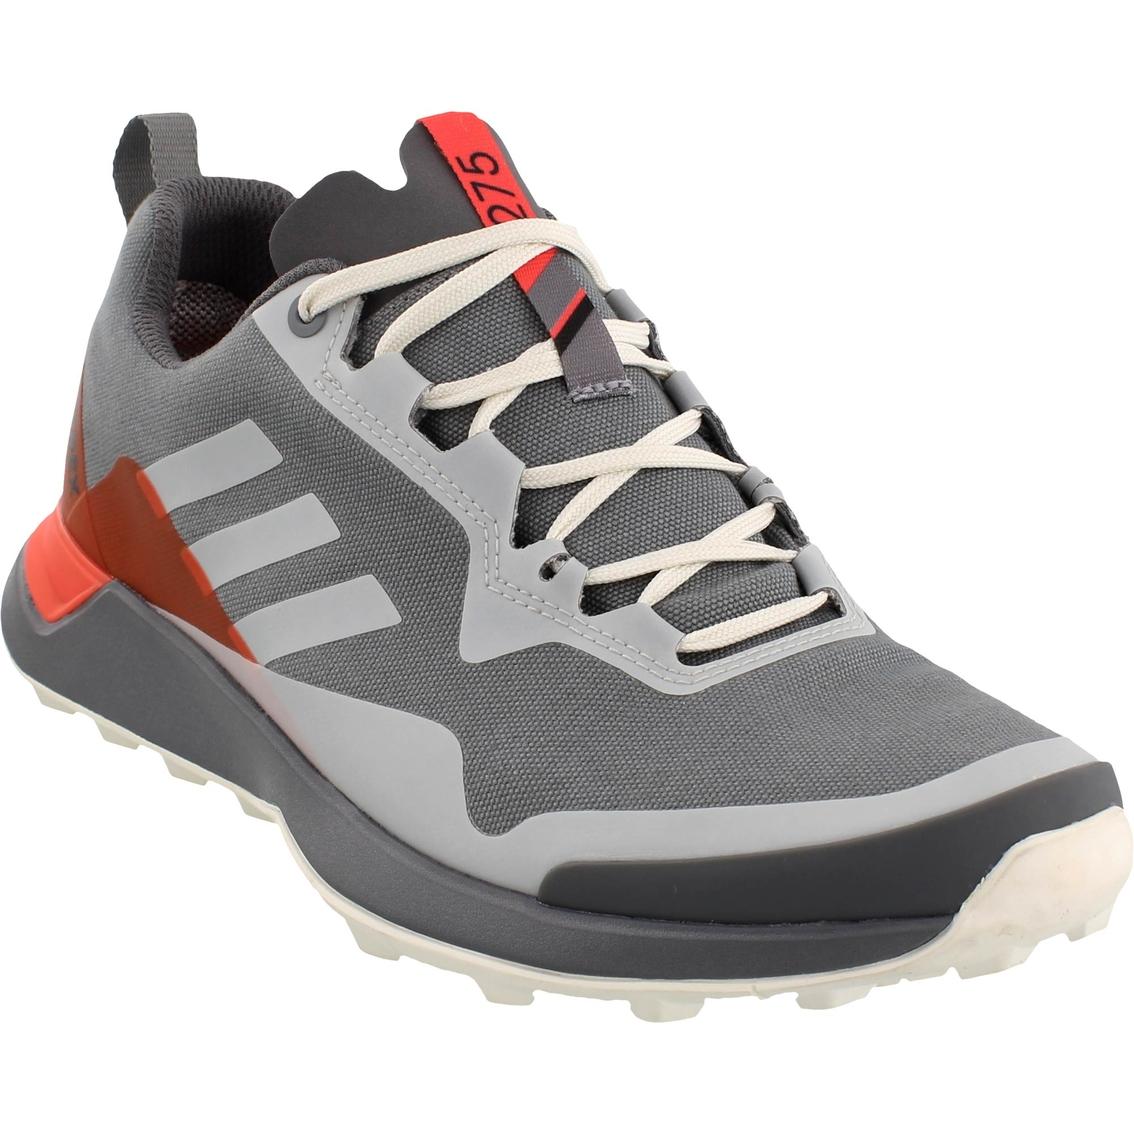 3c40d73f6970c8 Adidas Outdoor Women s Terrex Cmtk Gtx Hiking Shoes